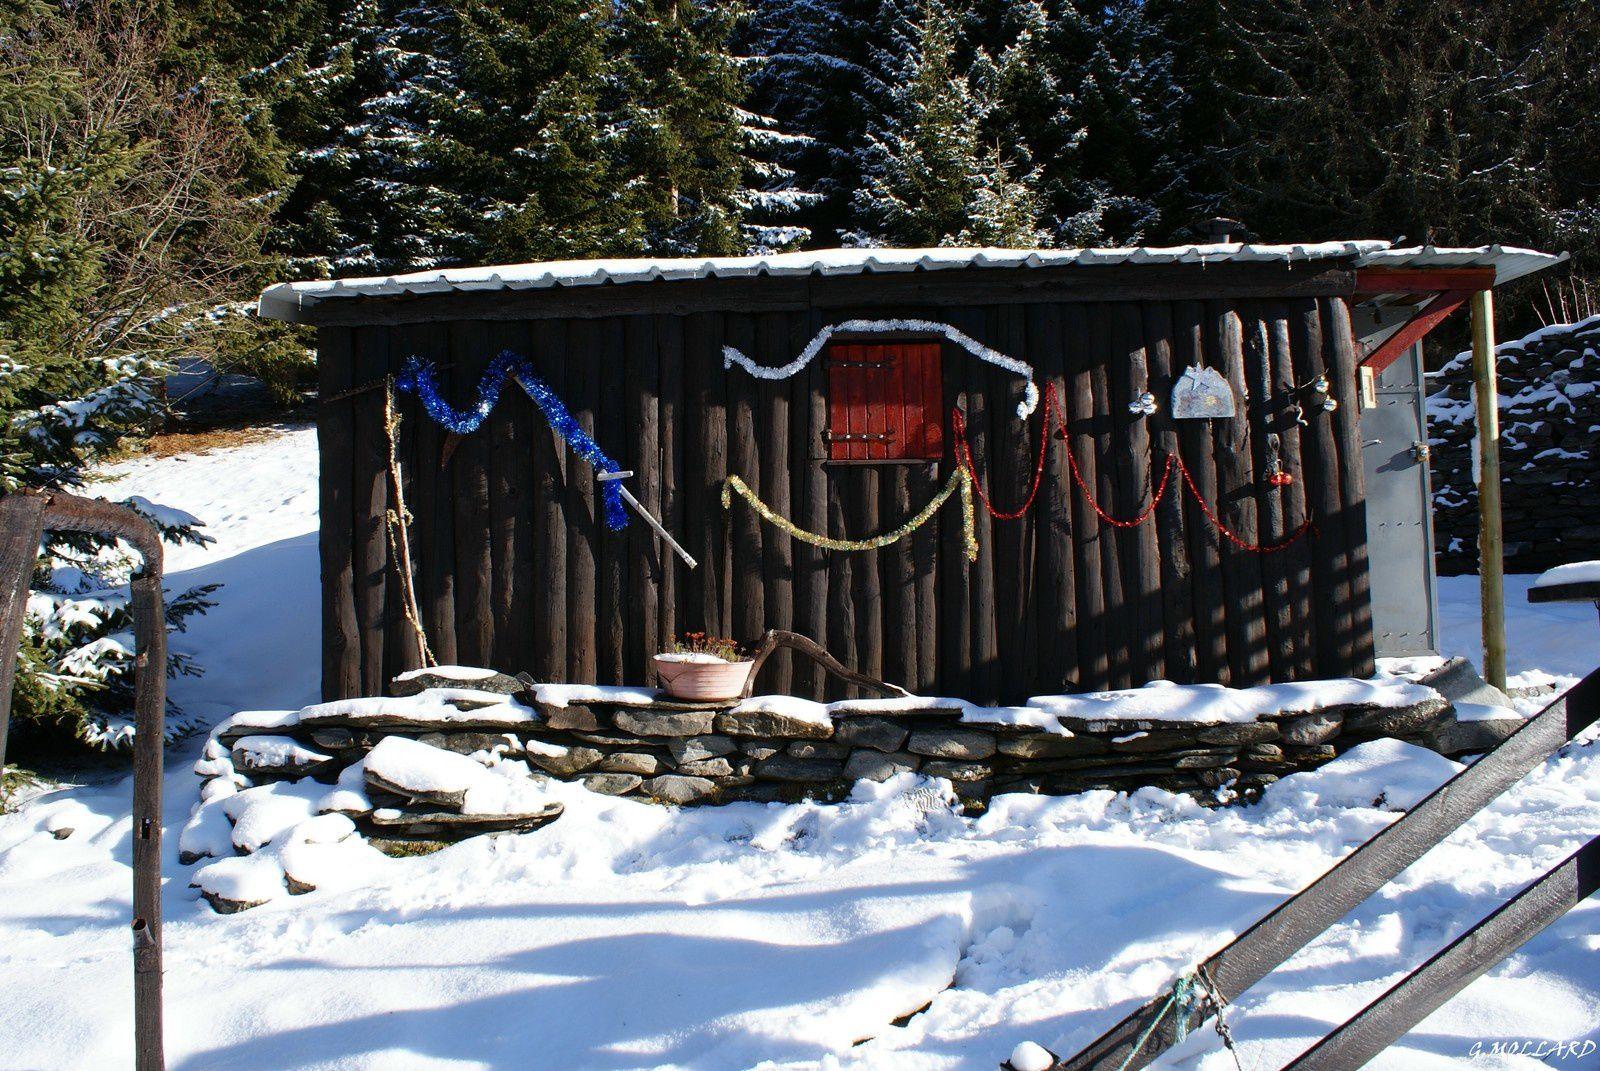 ma cabane dans la foret à 1825 m d'altitude.